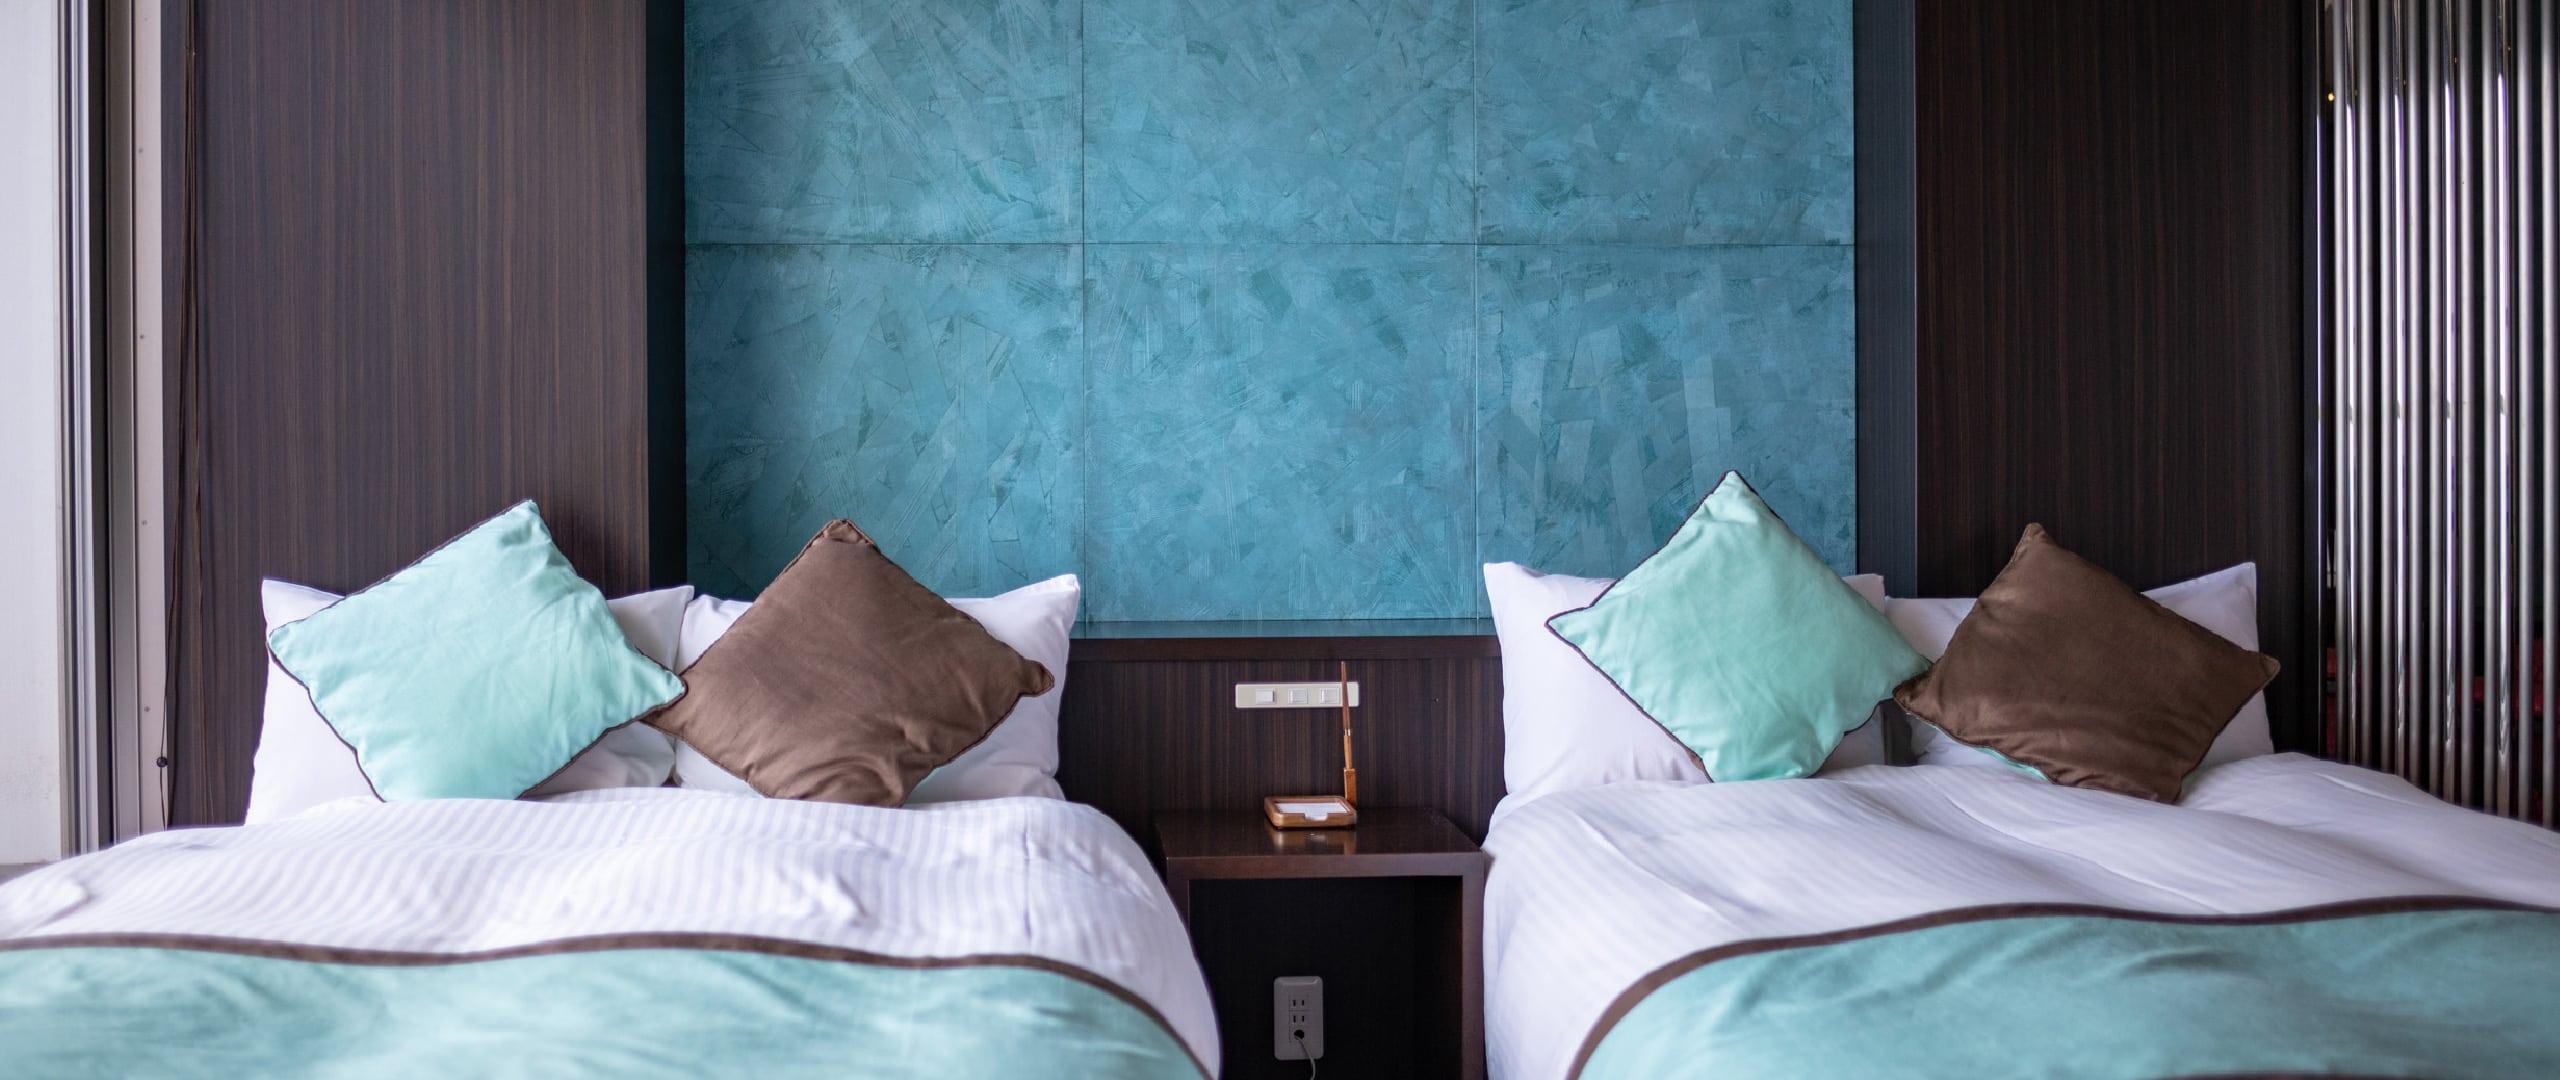 二台のベッド